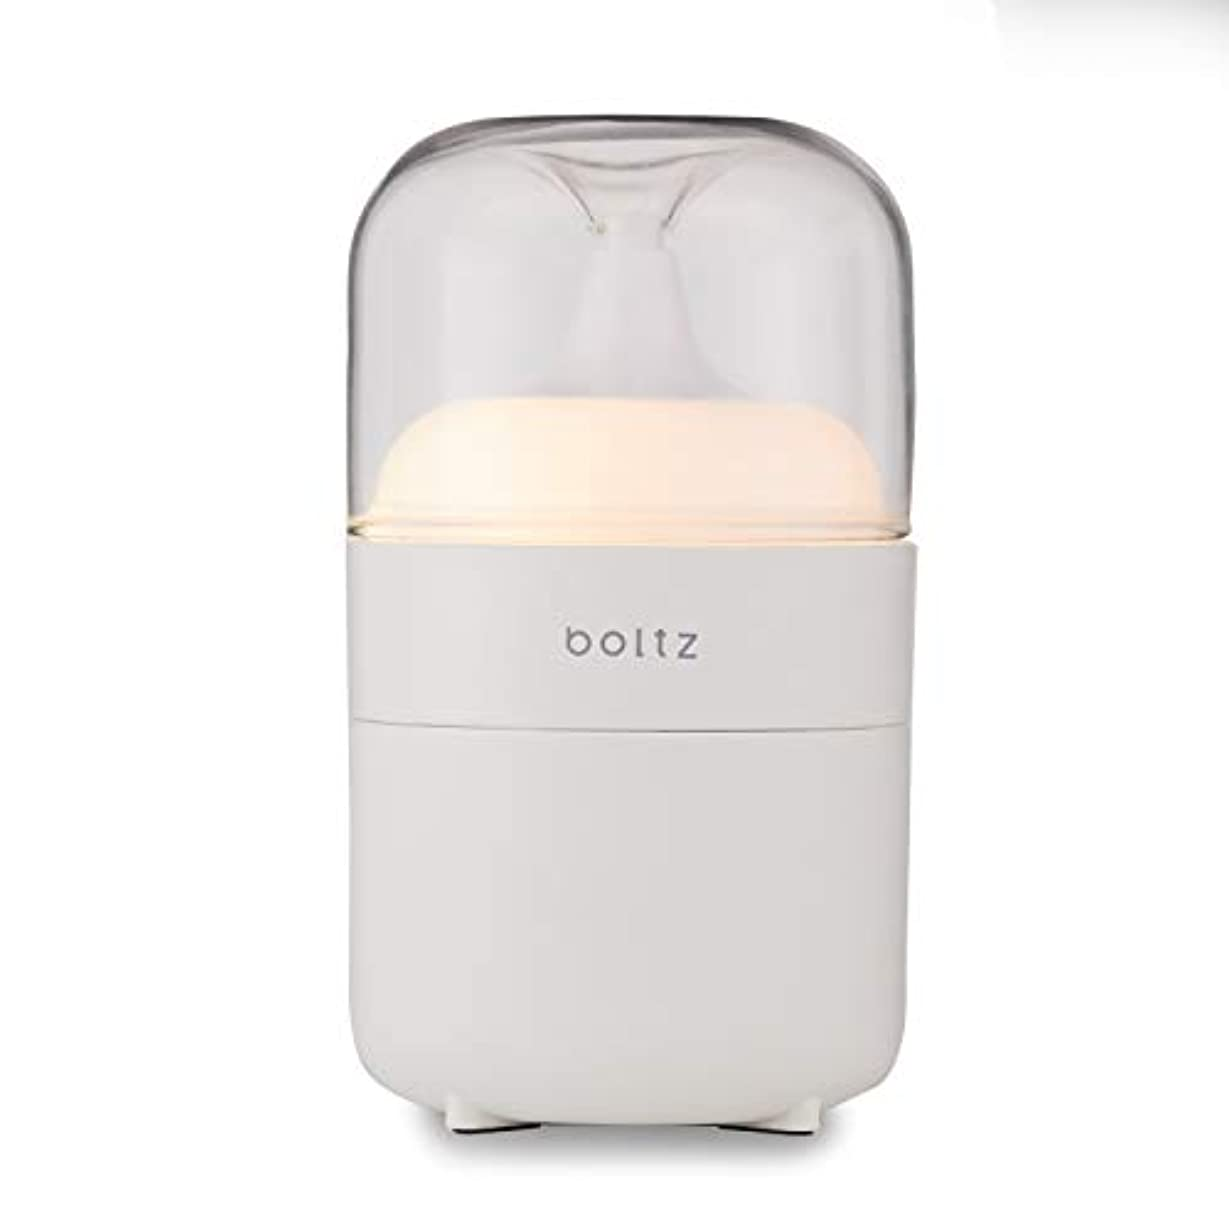 クリップ蝶非互換官僚LOWYA(ロウヤ) boltz アロマディフューザー ネプライザー式 アロマオイル対応 間接照明 おしゃれ USB対応